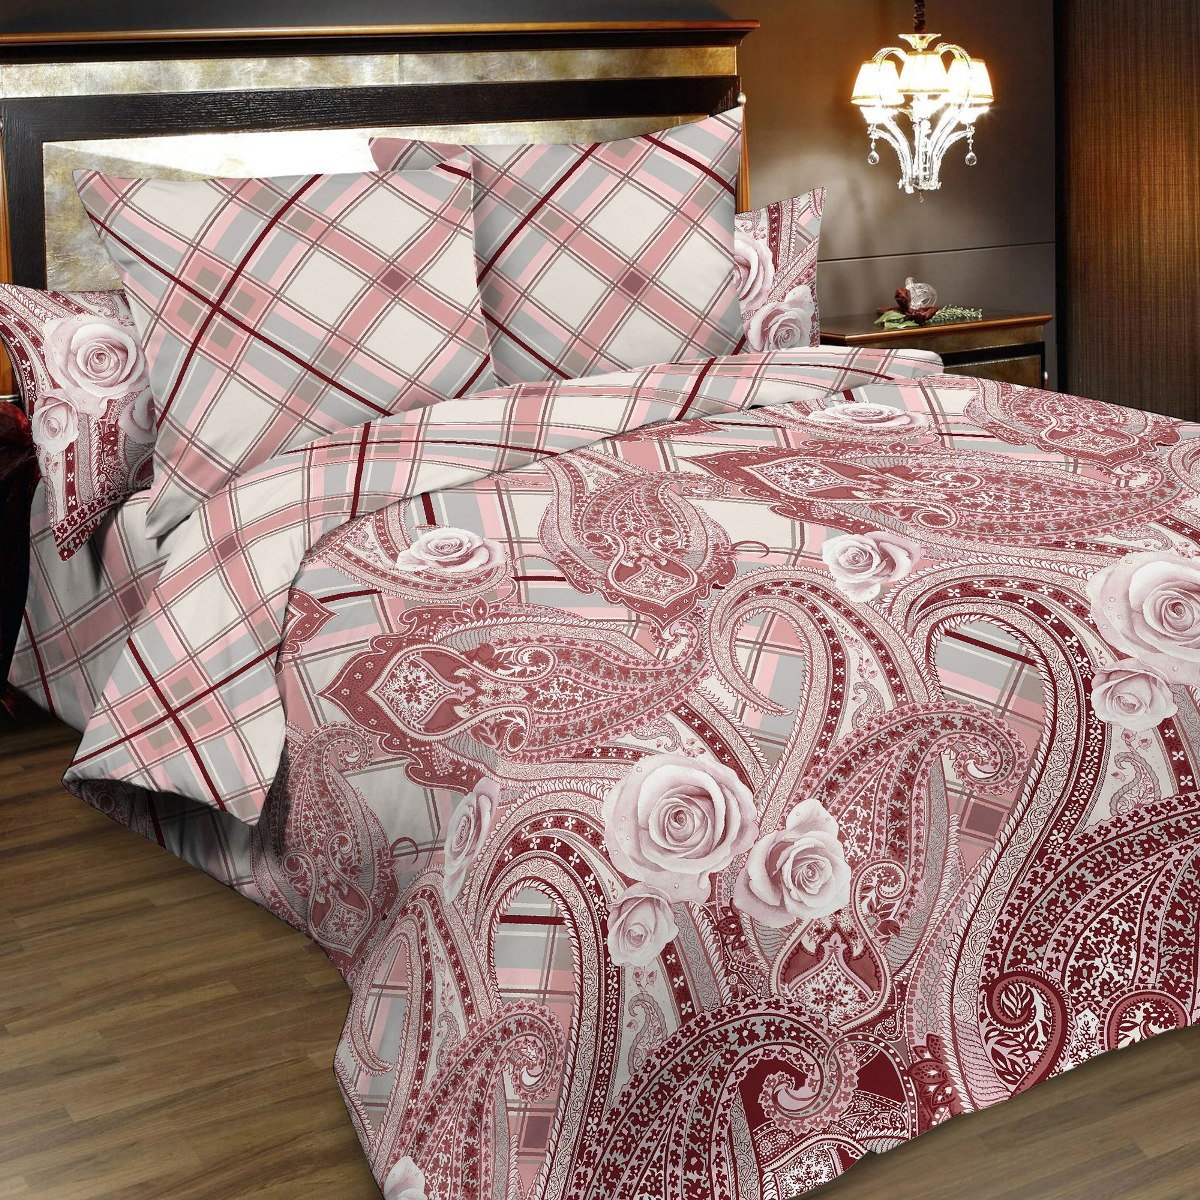 Комплект белья Letto, 2-спальный, наволочки 70х70, цвет: розовый. B169-4339574Серия Letto «Традиция» выполнена из классической российской бязи, привычной для большинства российских покупательниц. Ткань плотная (125гр/м), используются современные устойчивые красители. Традиционная российская бязь выгодно отличается от импортных аналогов по цене, при том, что сама ткань и толще, меньше сминается и служит намного дольше. Рекомендуется перед первым использованием постирать, но не пересушивать. Применение кондиционера при стирке сделает такое постельное белье мягче и комфортней. Пододеяльник на молнии. Обращаем внимание, что расцветка наволочек может отличаться от представленной на фото.